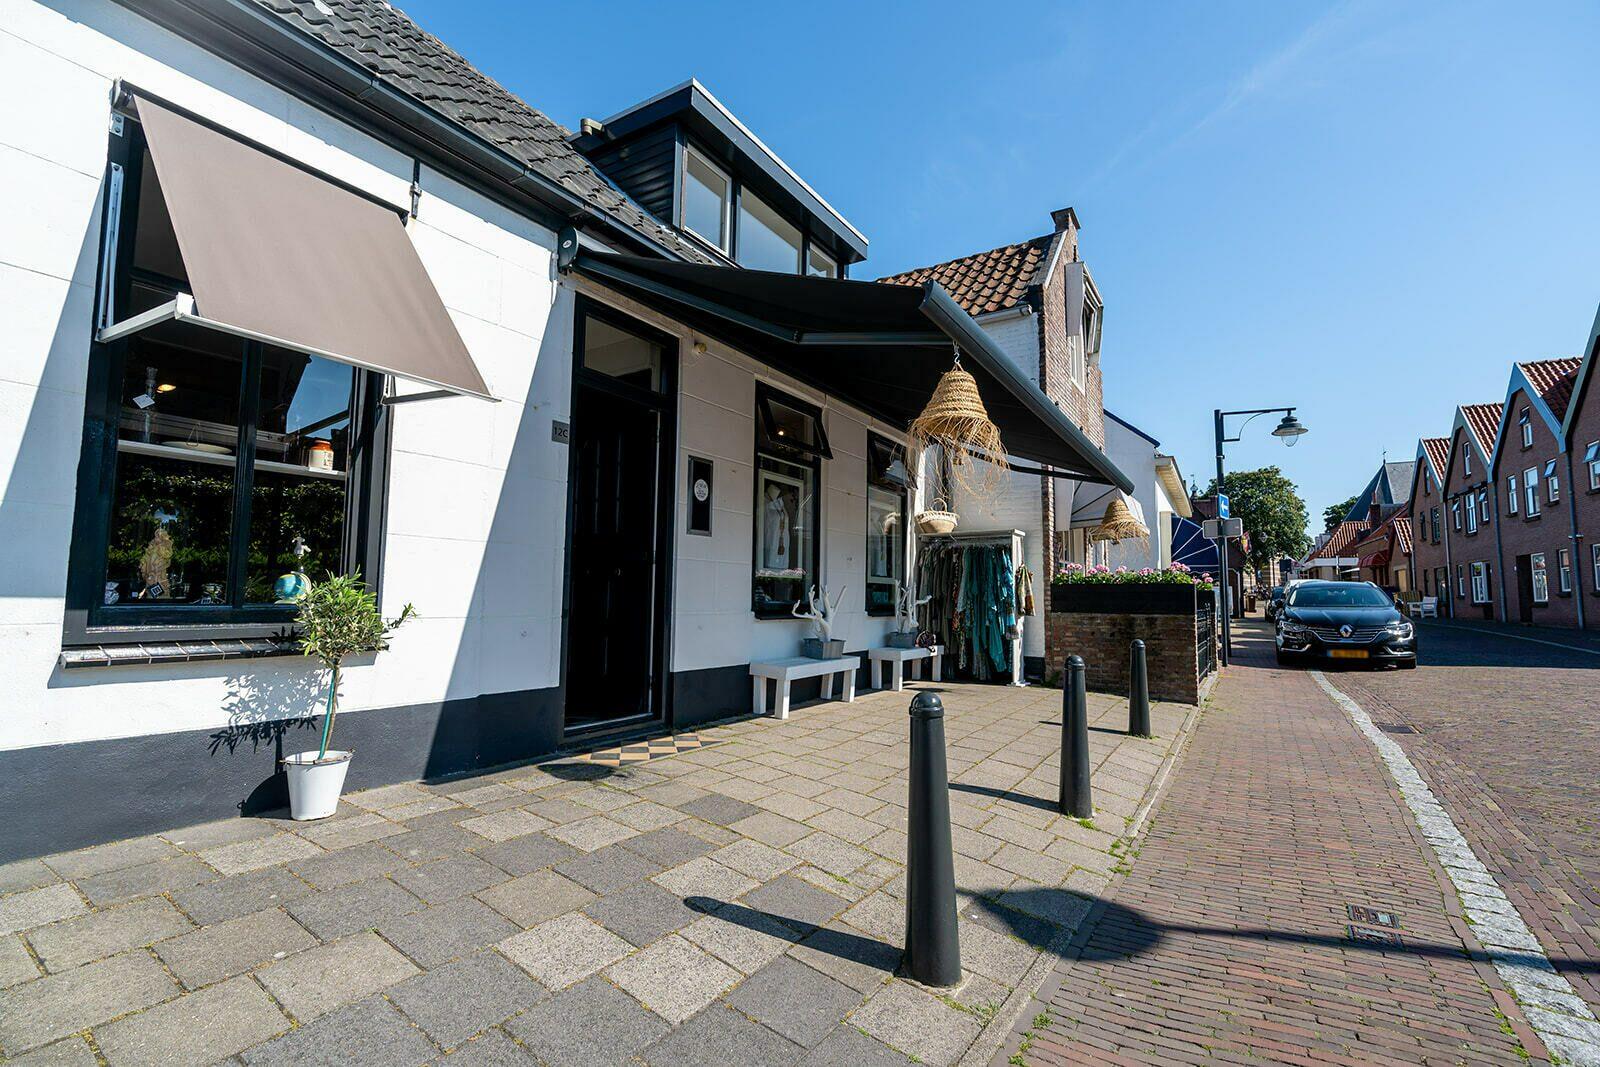 Hofdijksweg 12c - Ouddorp